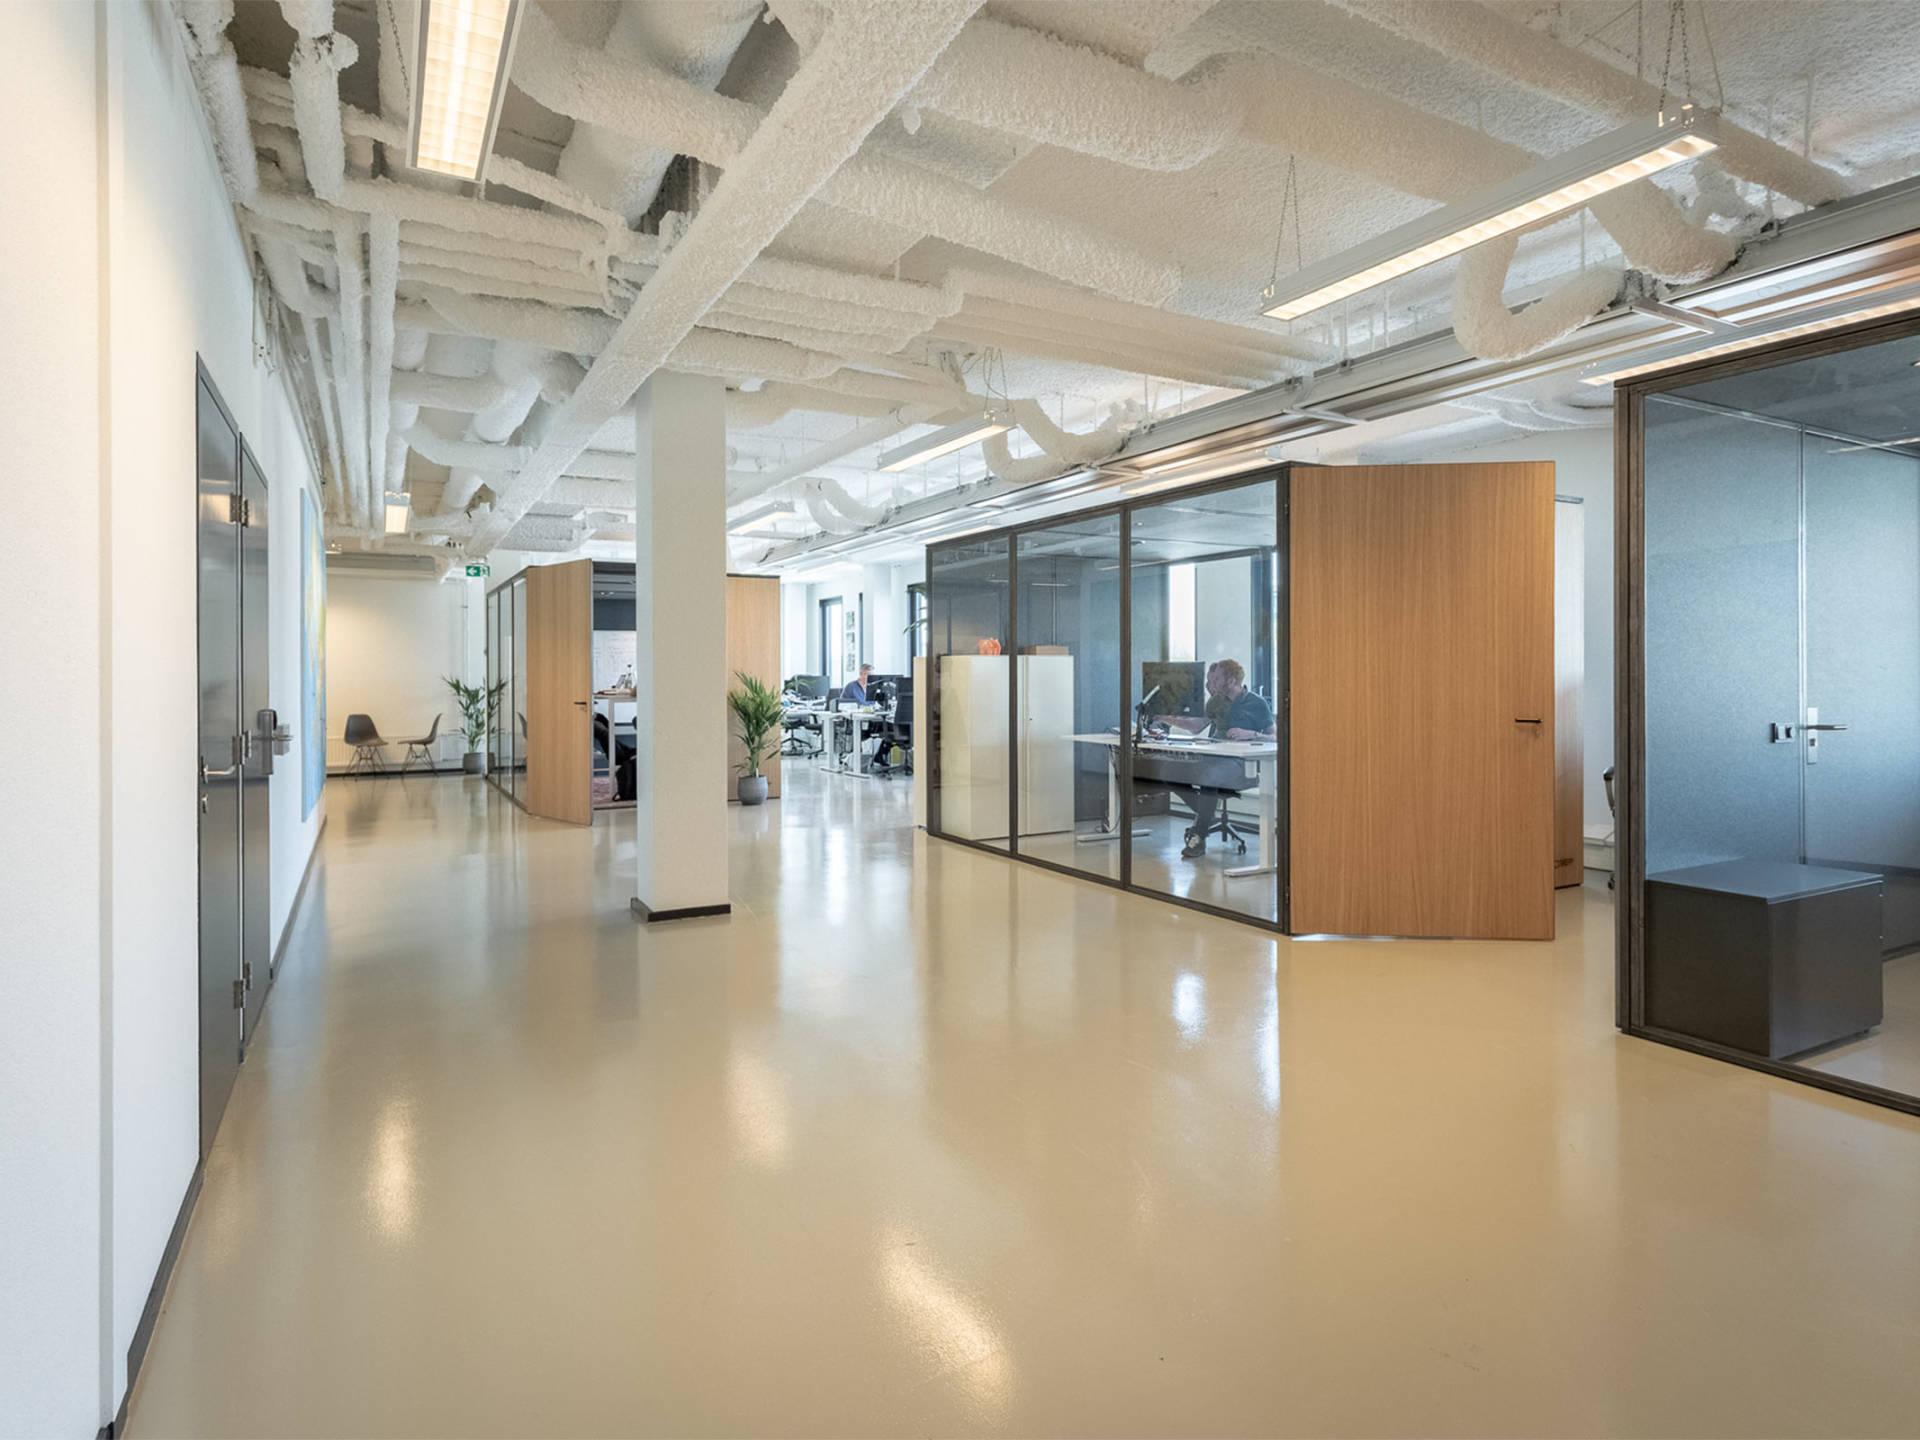 Er zijn diverse meetingboxen in de kantoorinrichting geplaatst. Deze worden gebruikt als concentratie werkplekken.